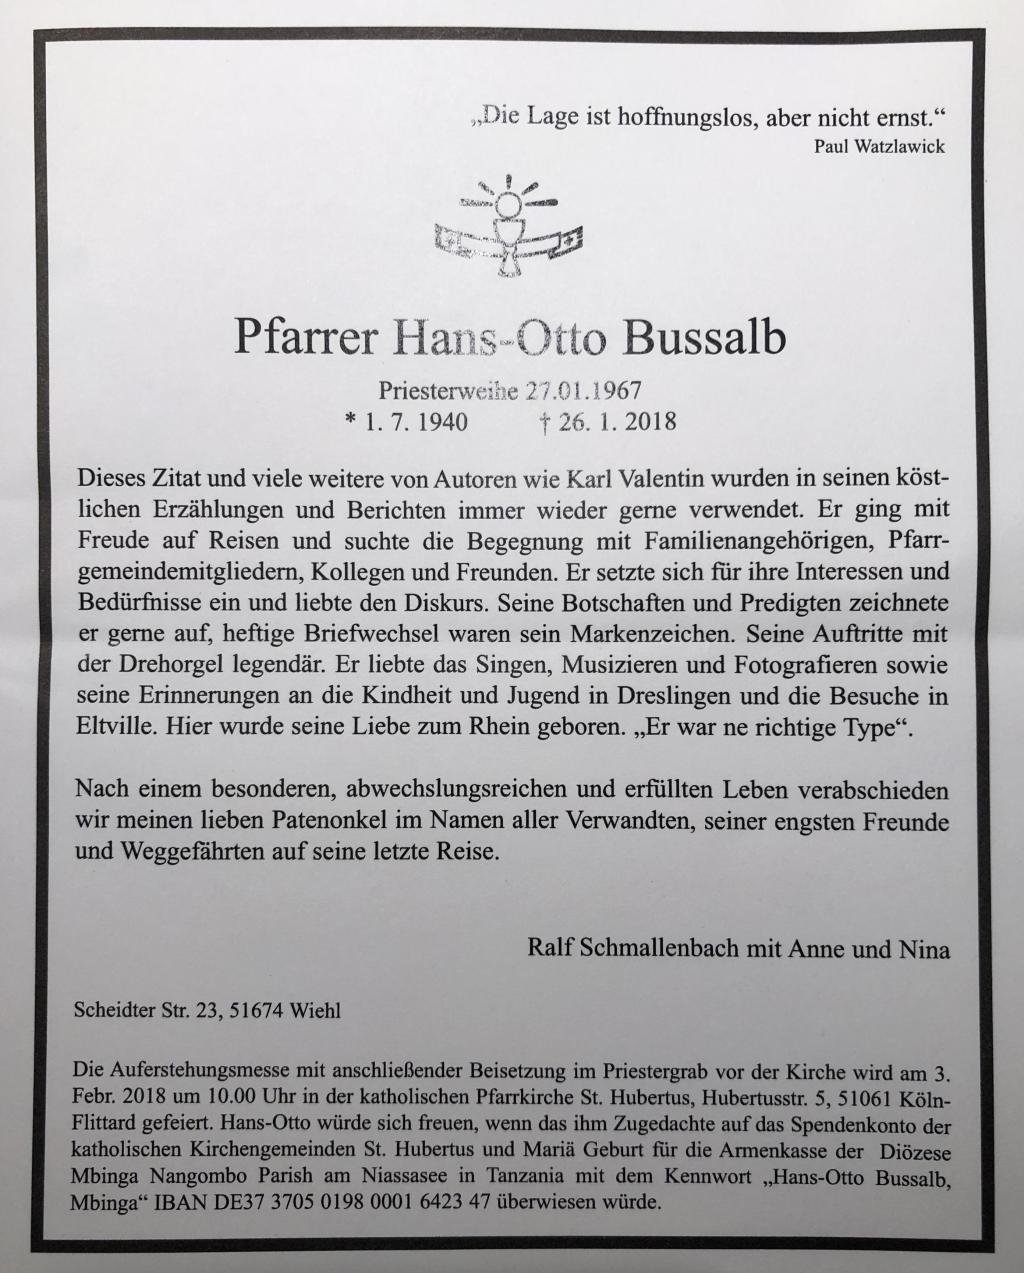 Todesanzeige Pfarrer Bussalb